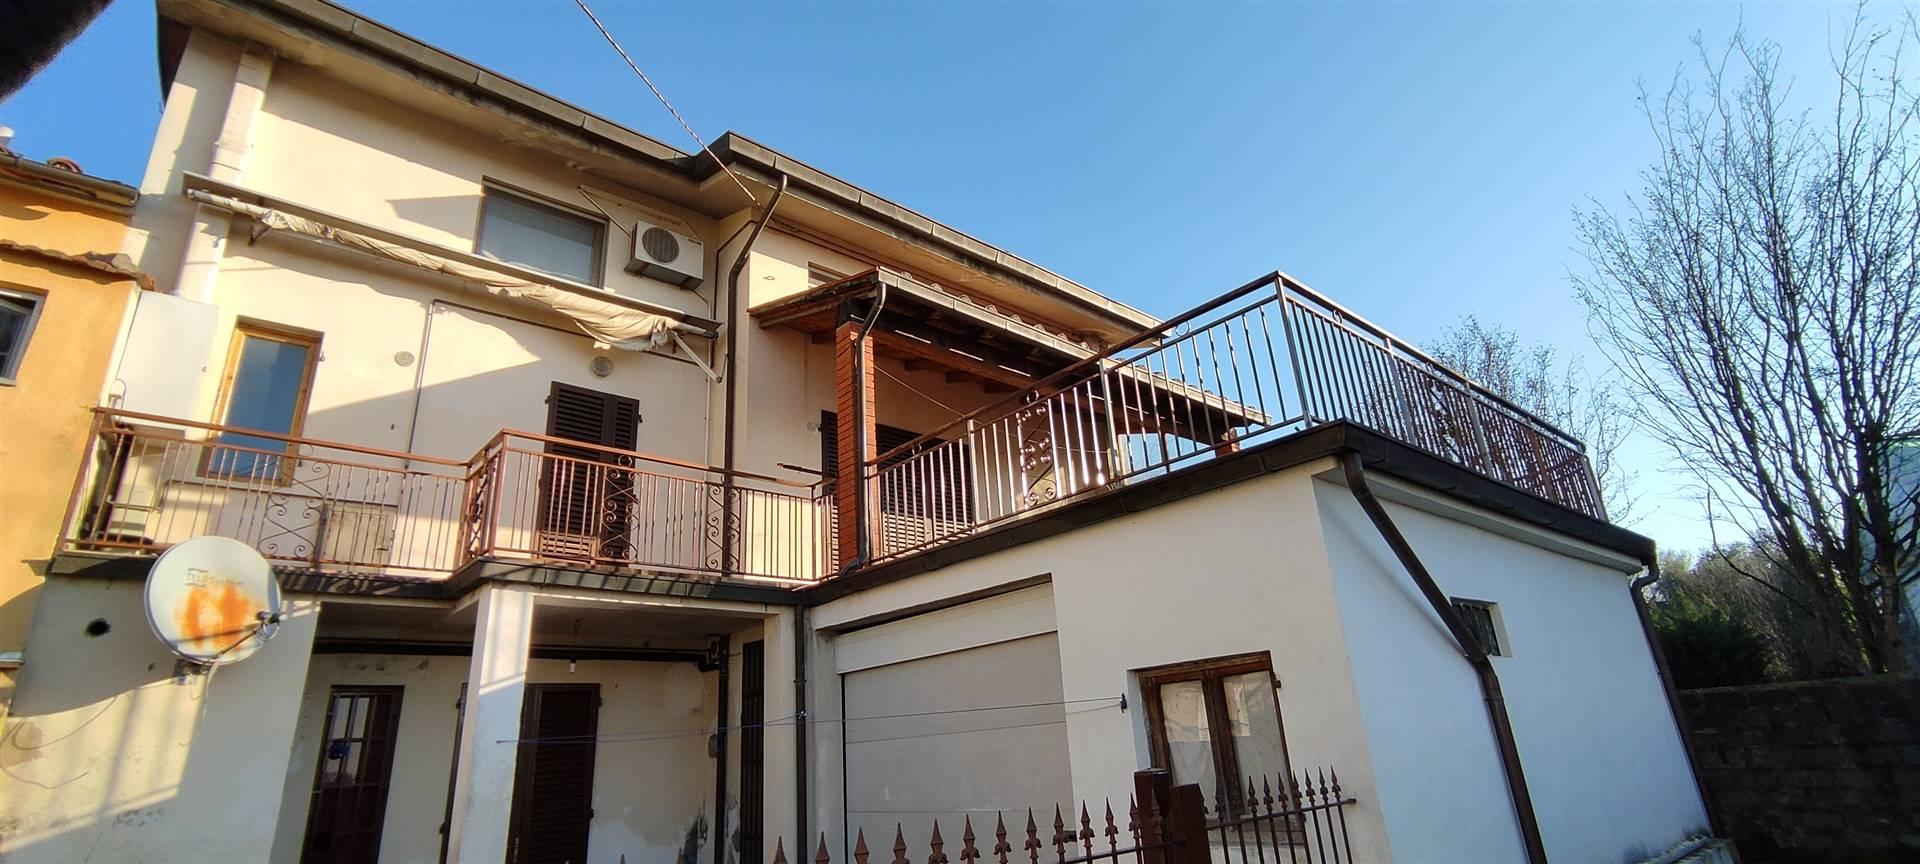 Chiedi del riferimento 12219: A pochi chilometri da Pistoia casa per due famiglie composta da due appartamenti indipendenti, Libera 3 lati, con giardino frontale, resede tergale, garage doppio, ampia